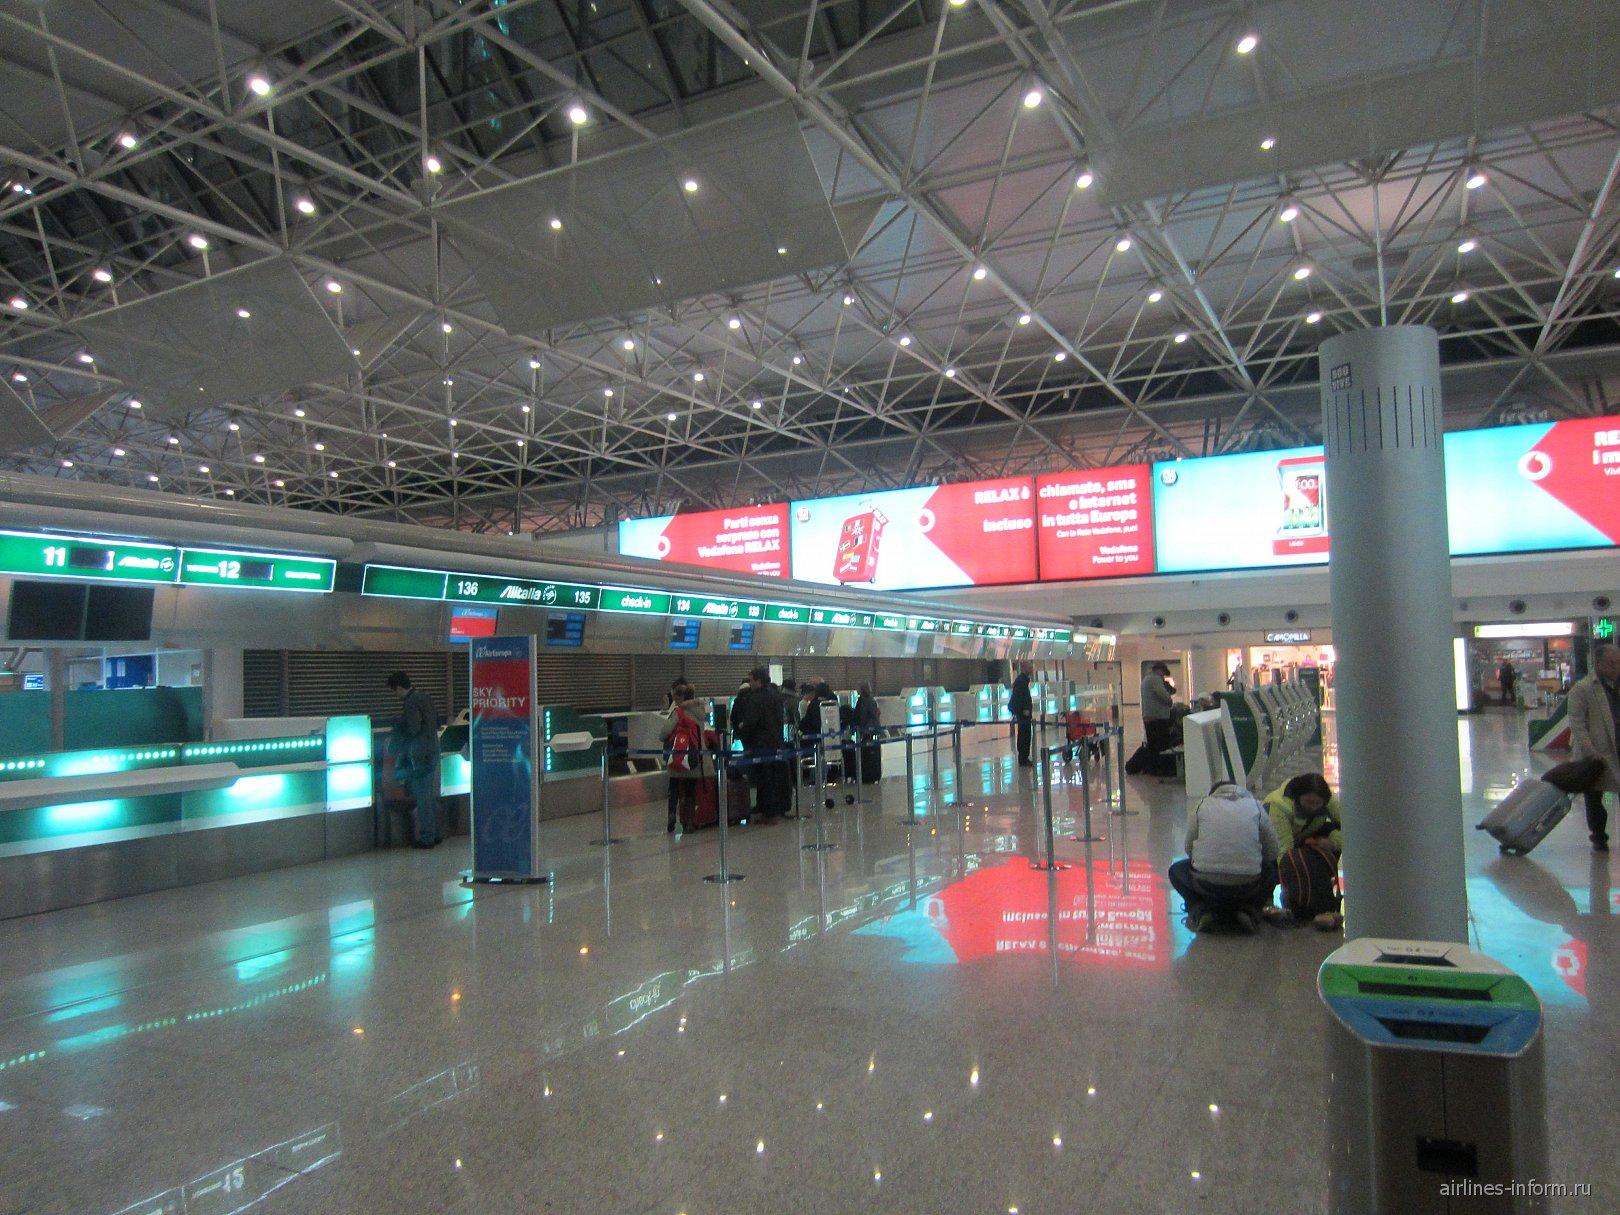 Стойки регистрации в Терминале 1 аэропорта Фьюмичино в Риме